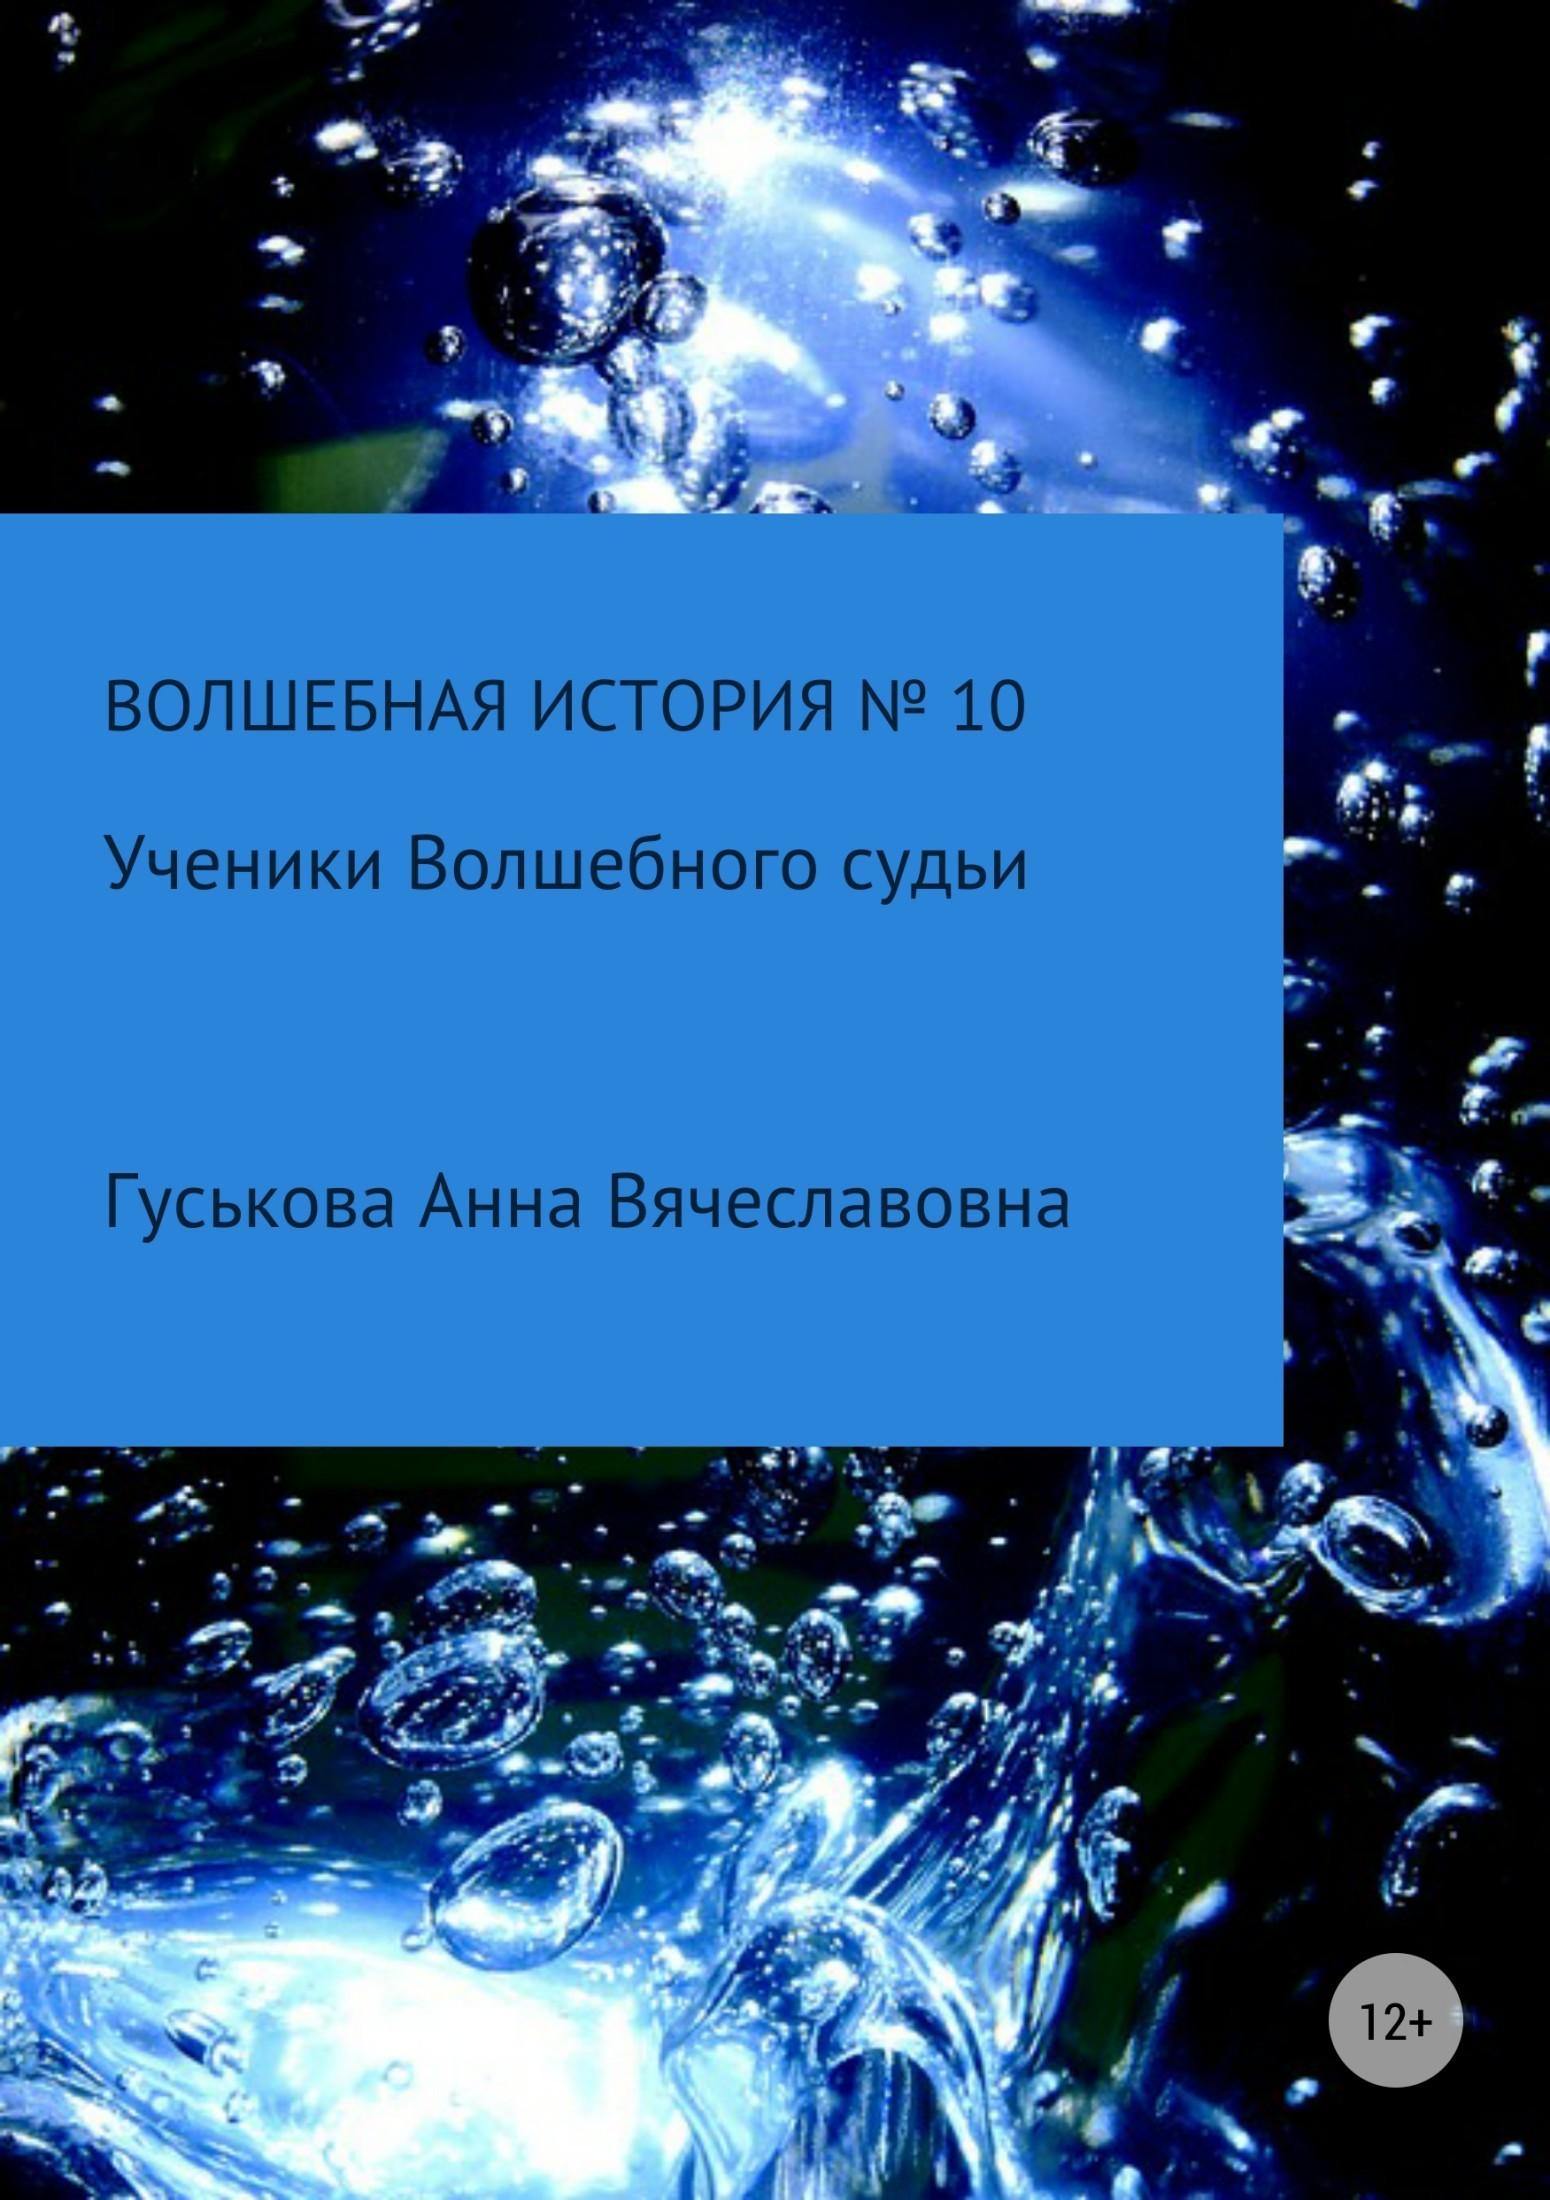 Волшебная история № 10. Ученики Волшебного судьи